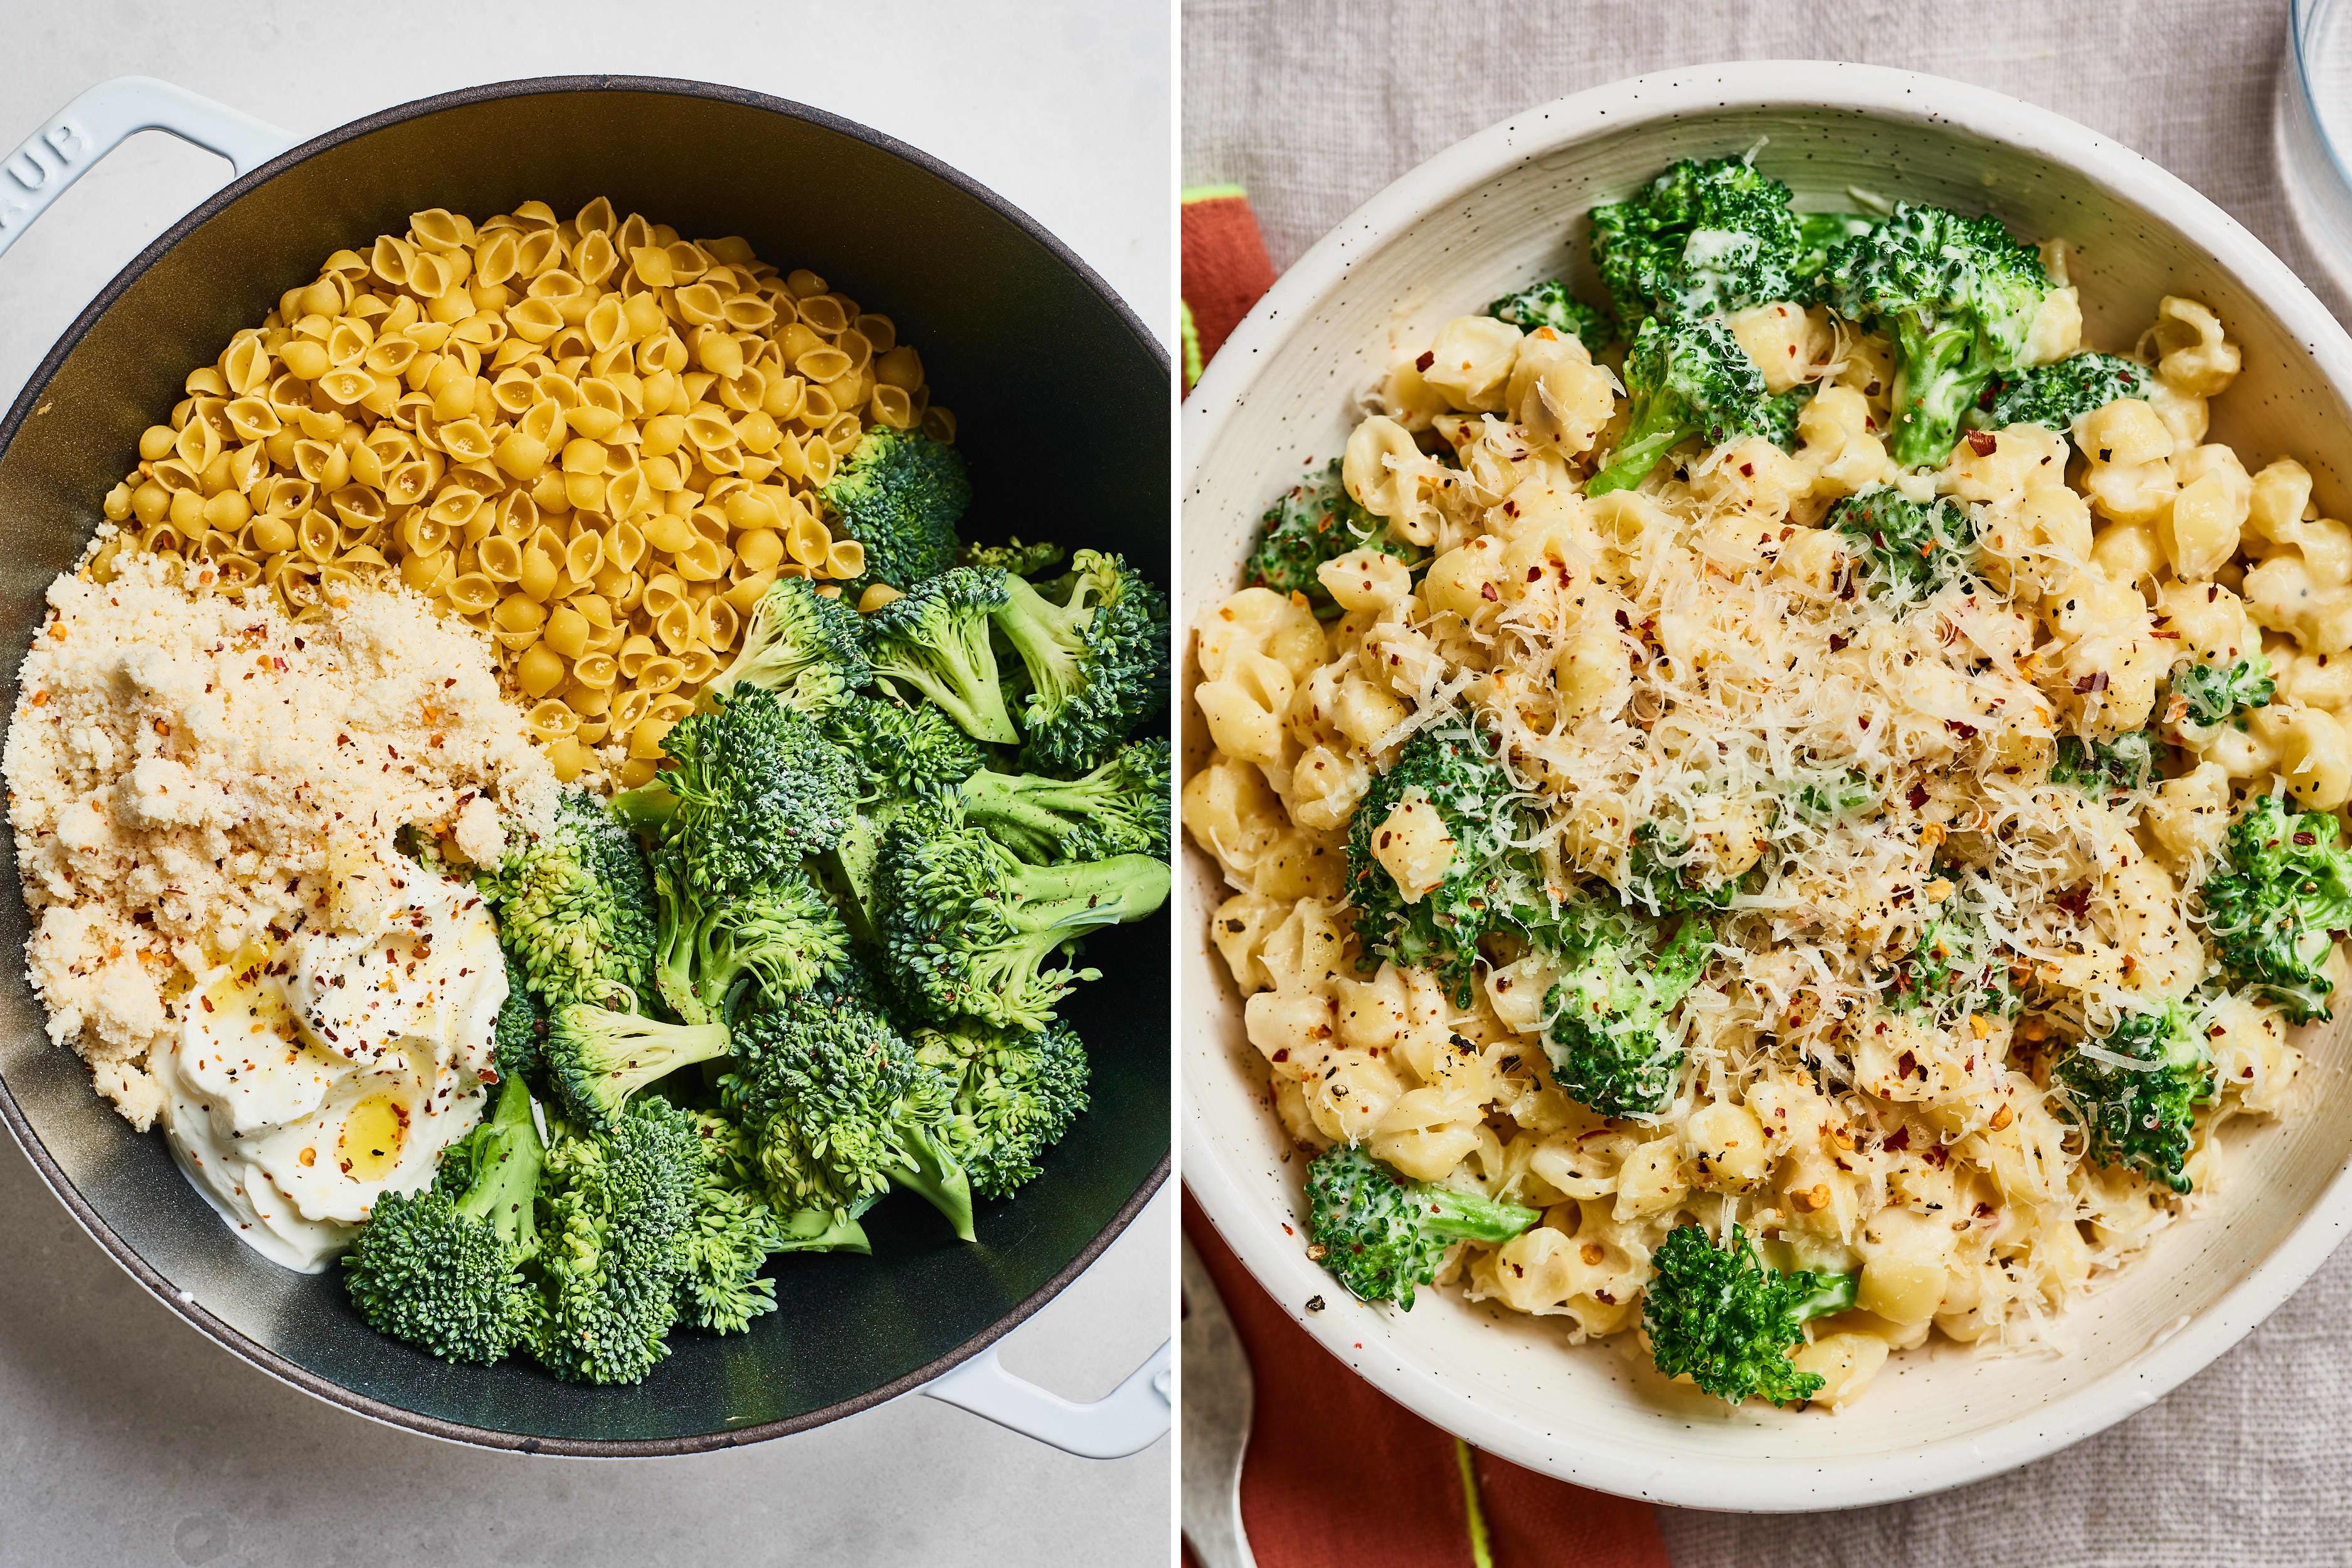 Recipe: One-Pot Creamy Broccoli Pasta